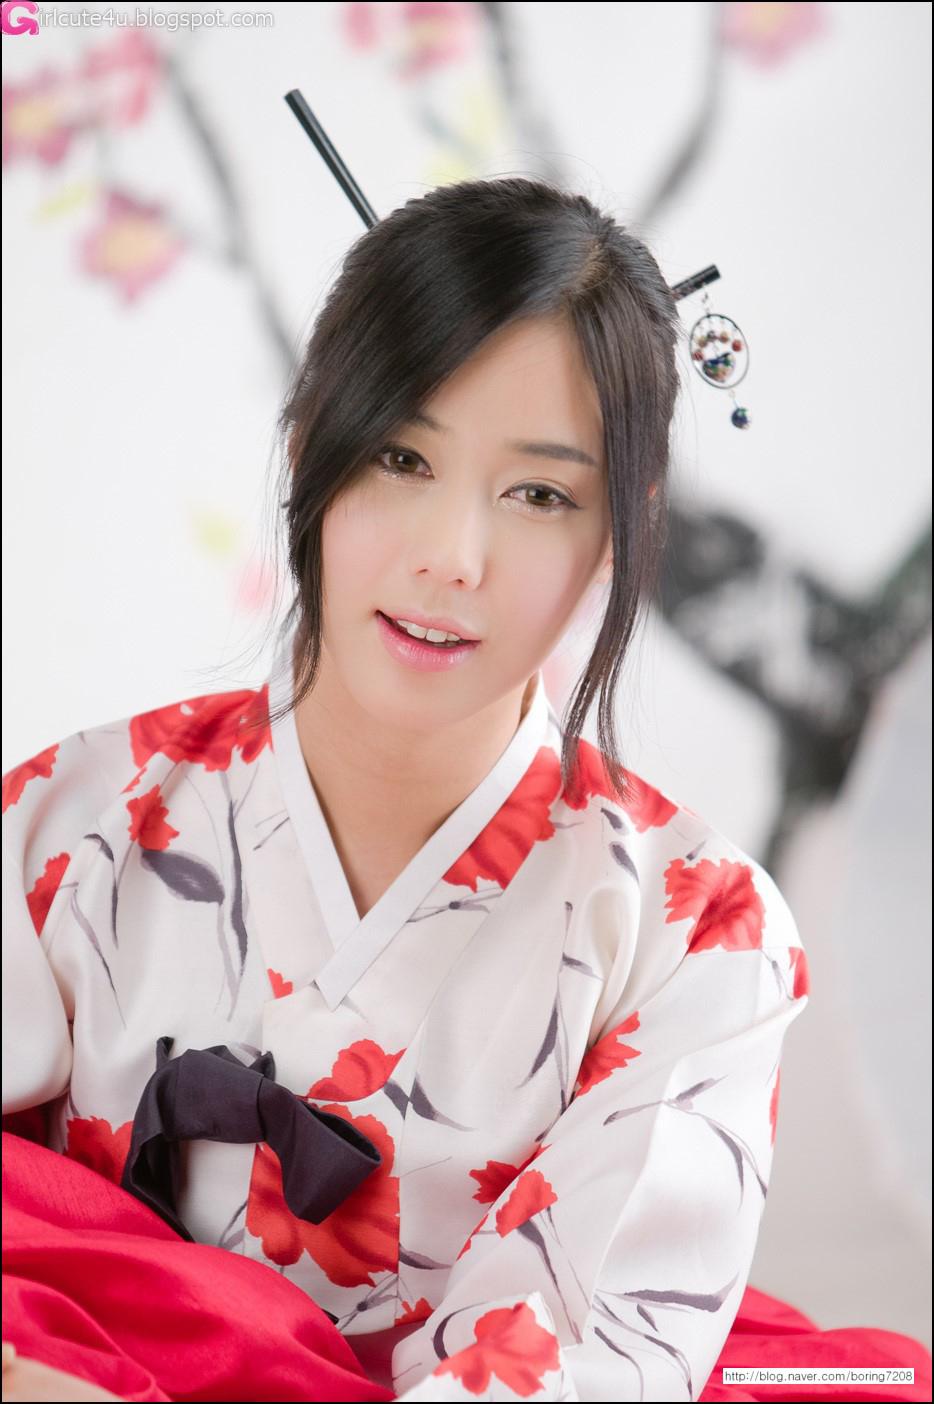 Cute Asian Girl Kim Ha Yul In Hanbok-6853